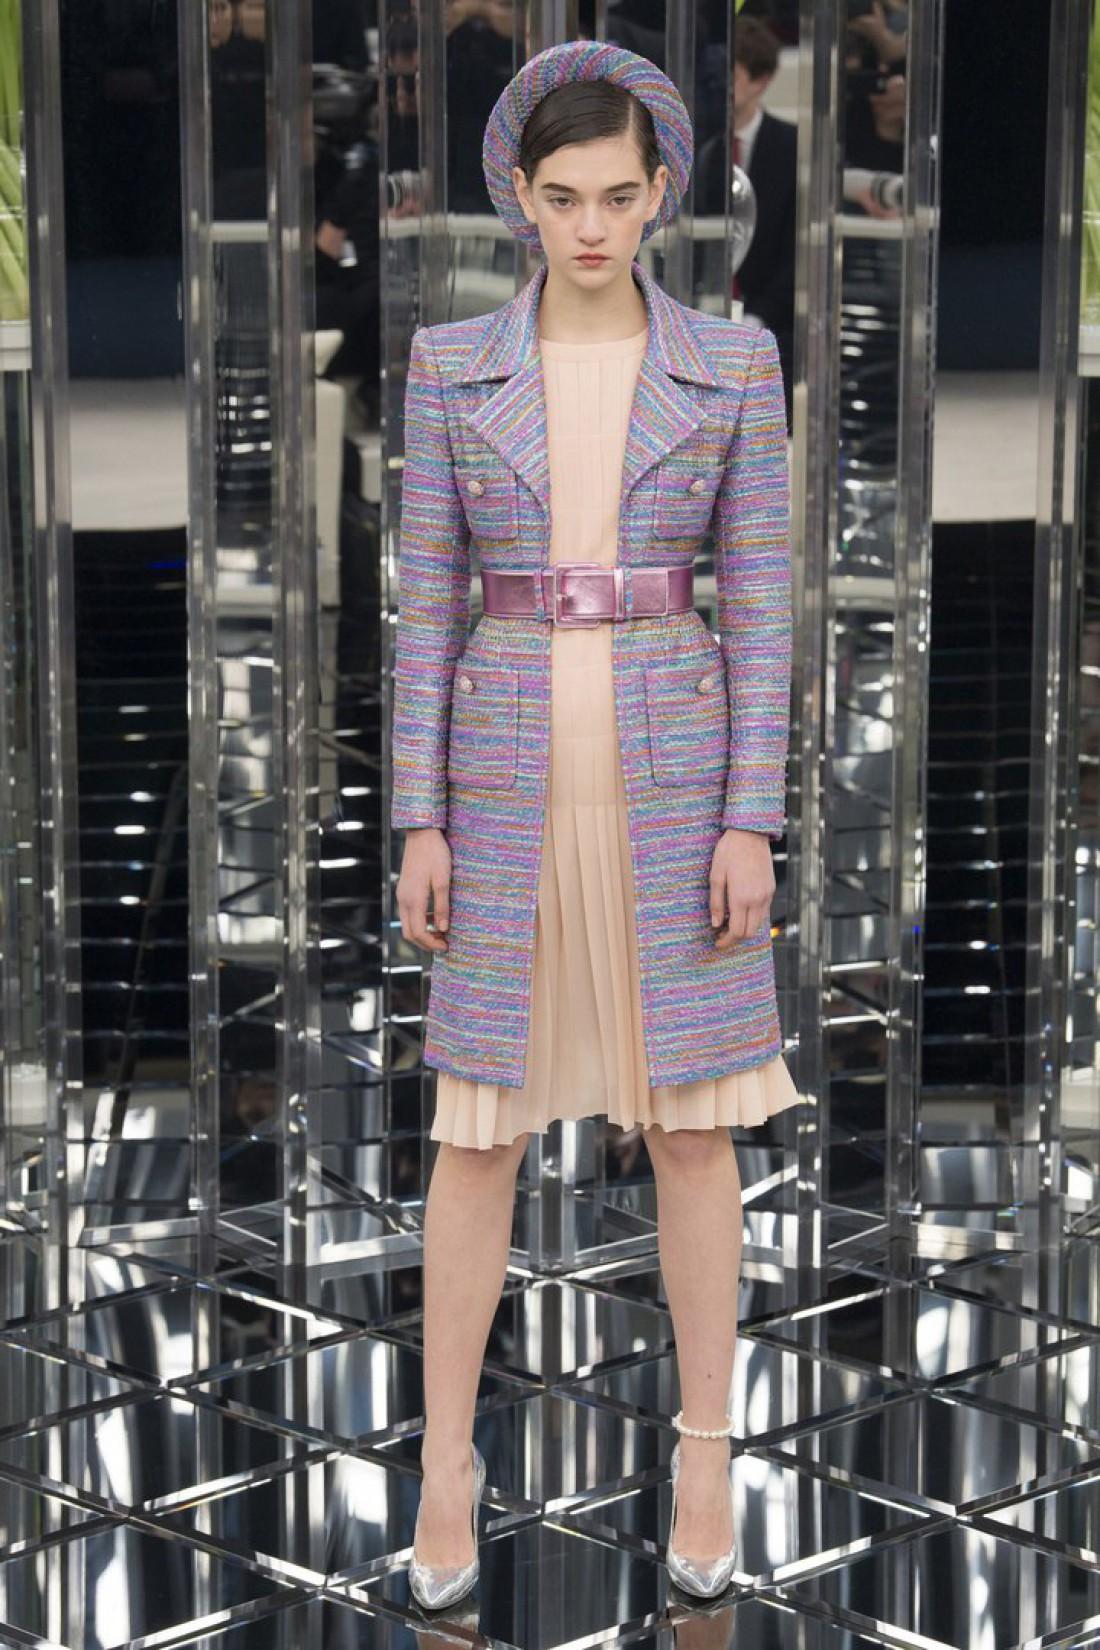 Украинская модель Юлия Ратнер на показе Chanel